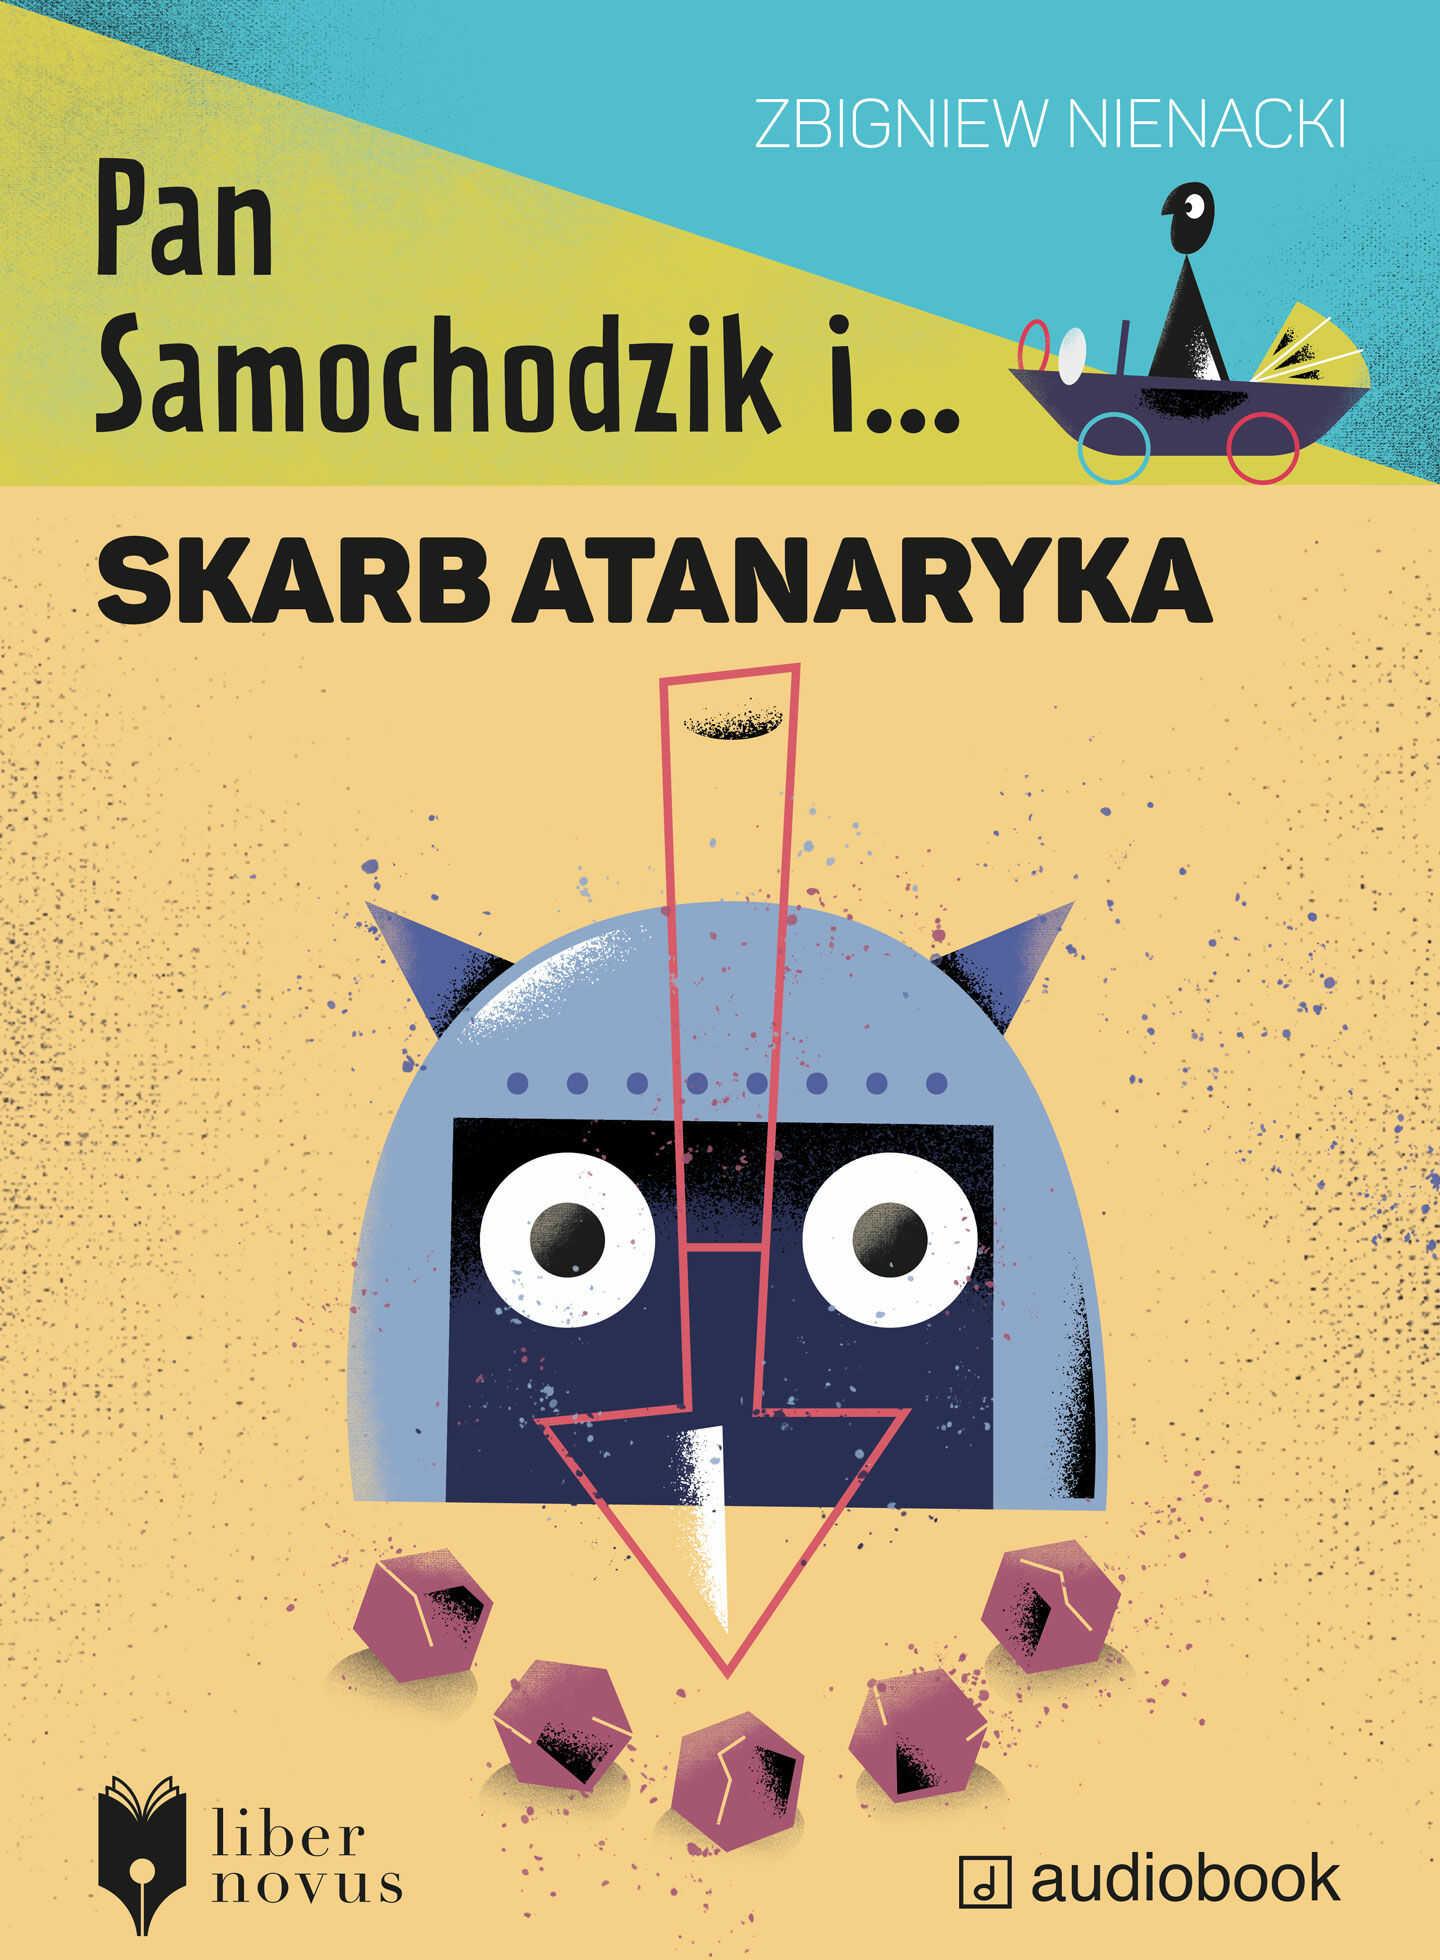 Pan Samochodzik i skarb Atanaryka - Zbigniew Nienacki - audiobook